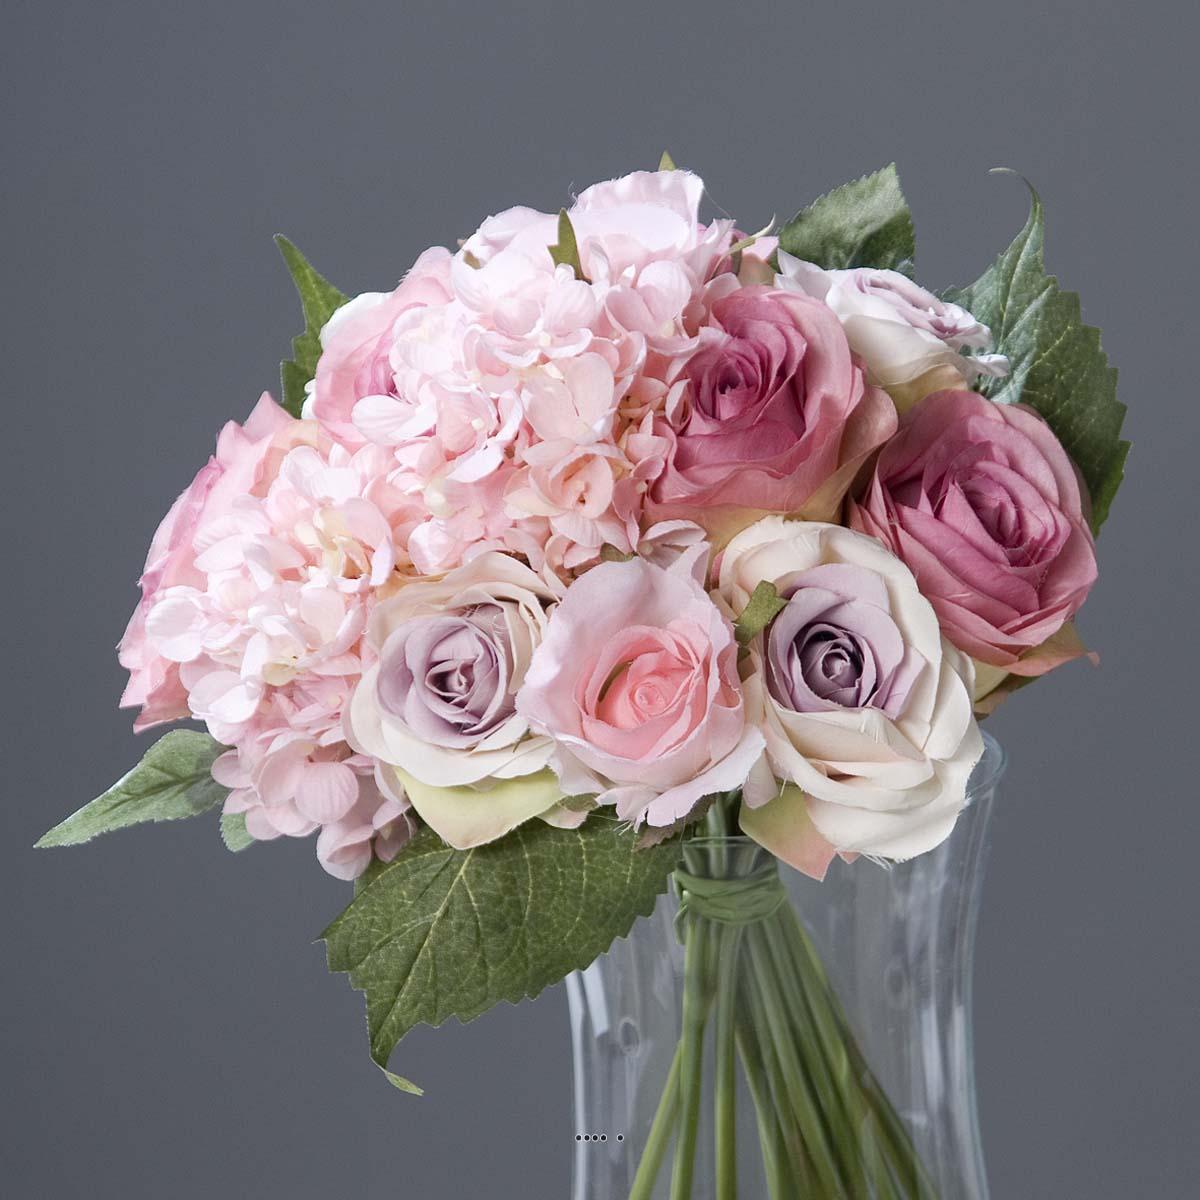 bouquet de roses et hortensias artificielles 13 t tes d 28 x h 35 cm du site. Black Bedroom Furniture Sets. Home Design Ideas